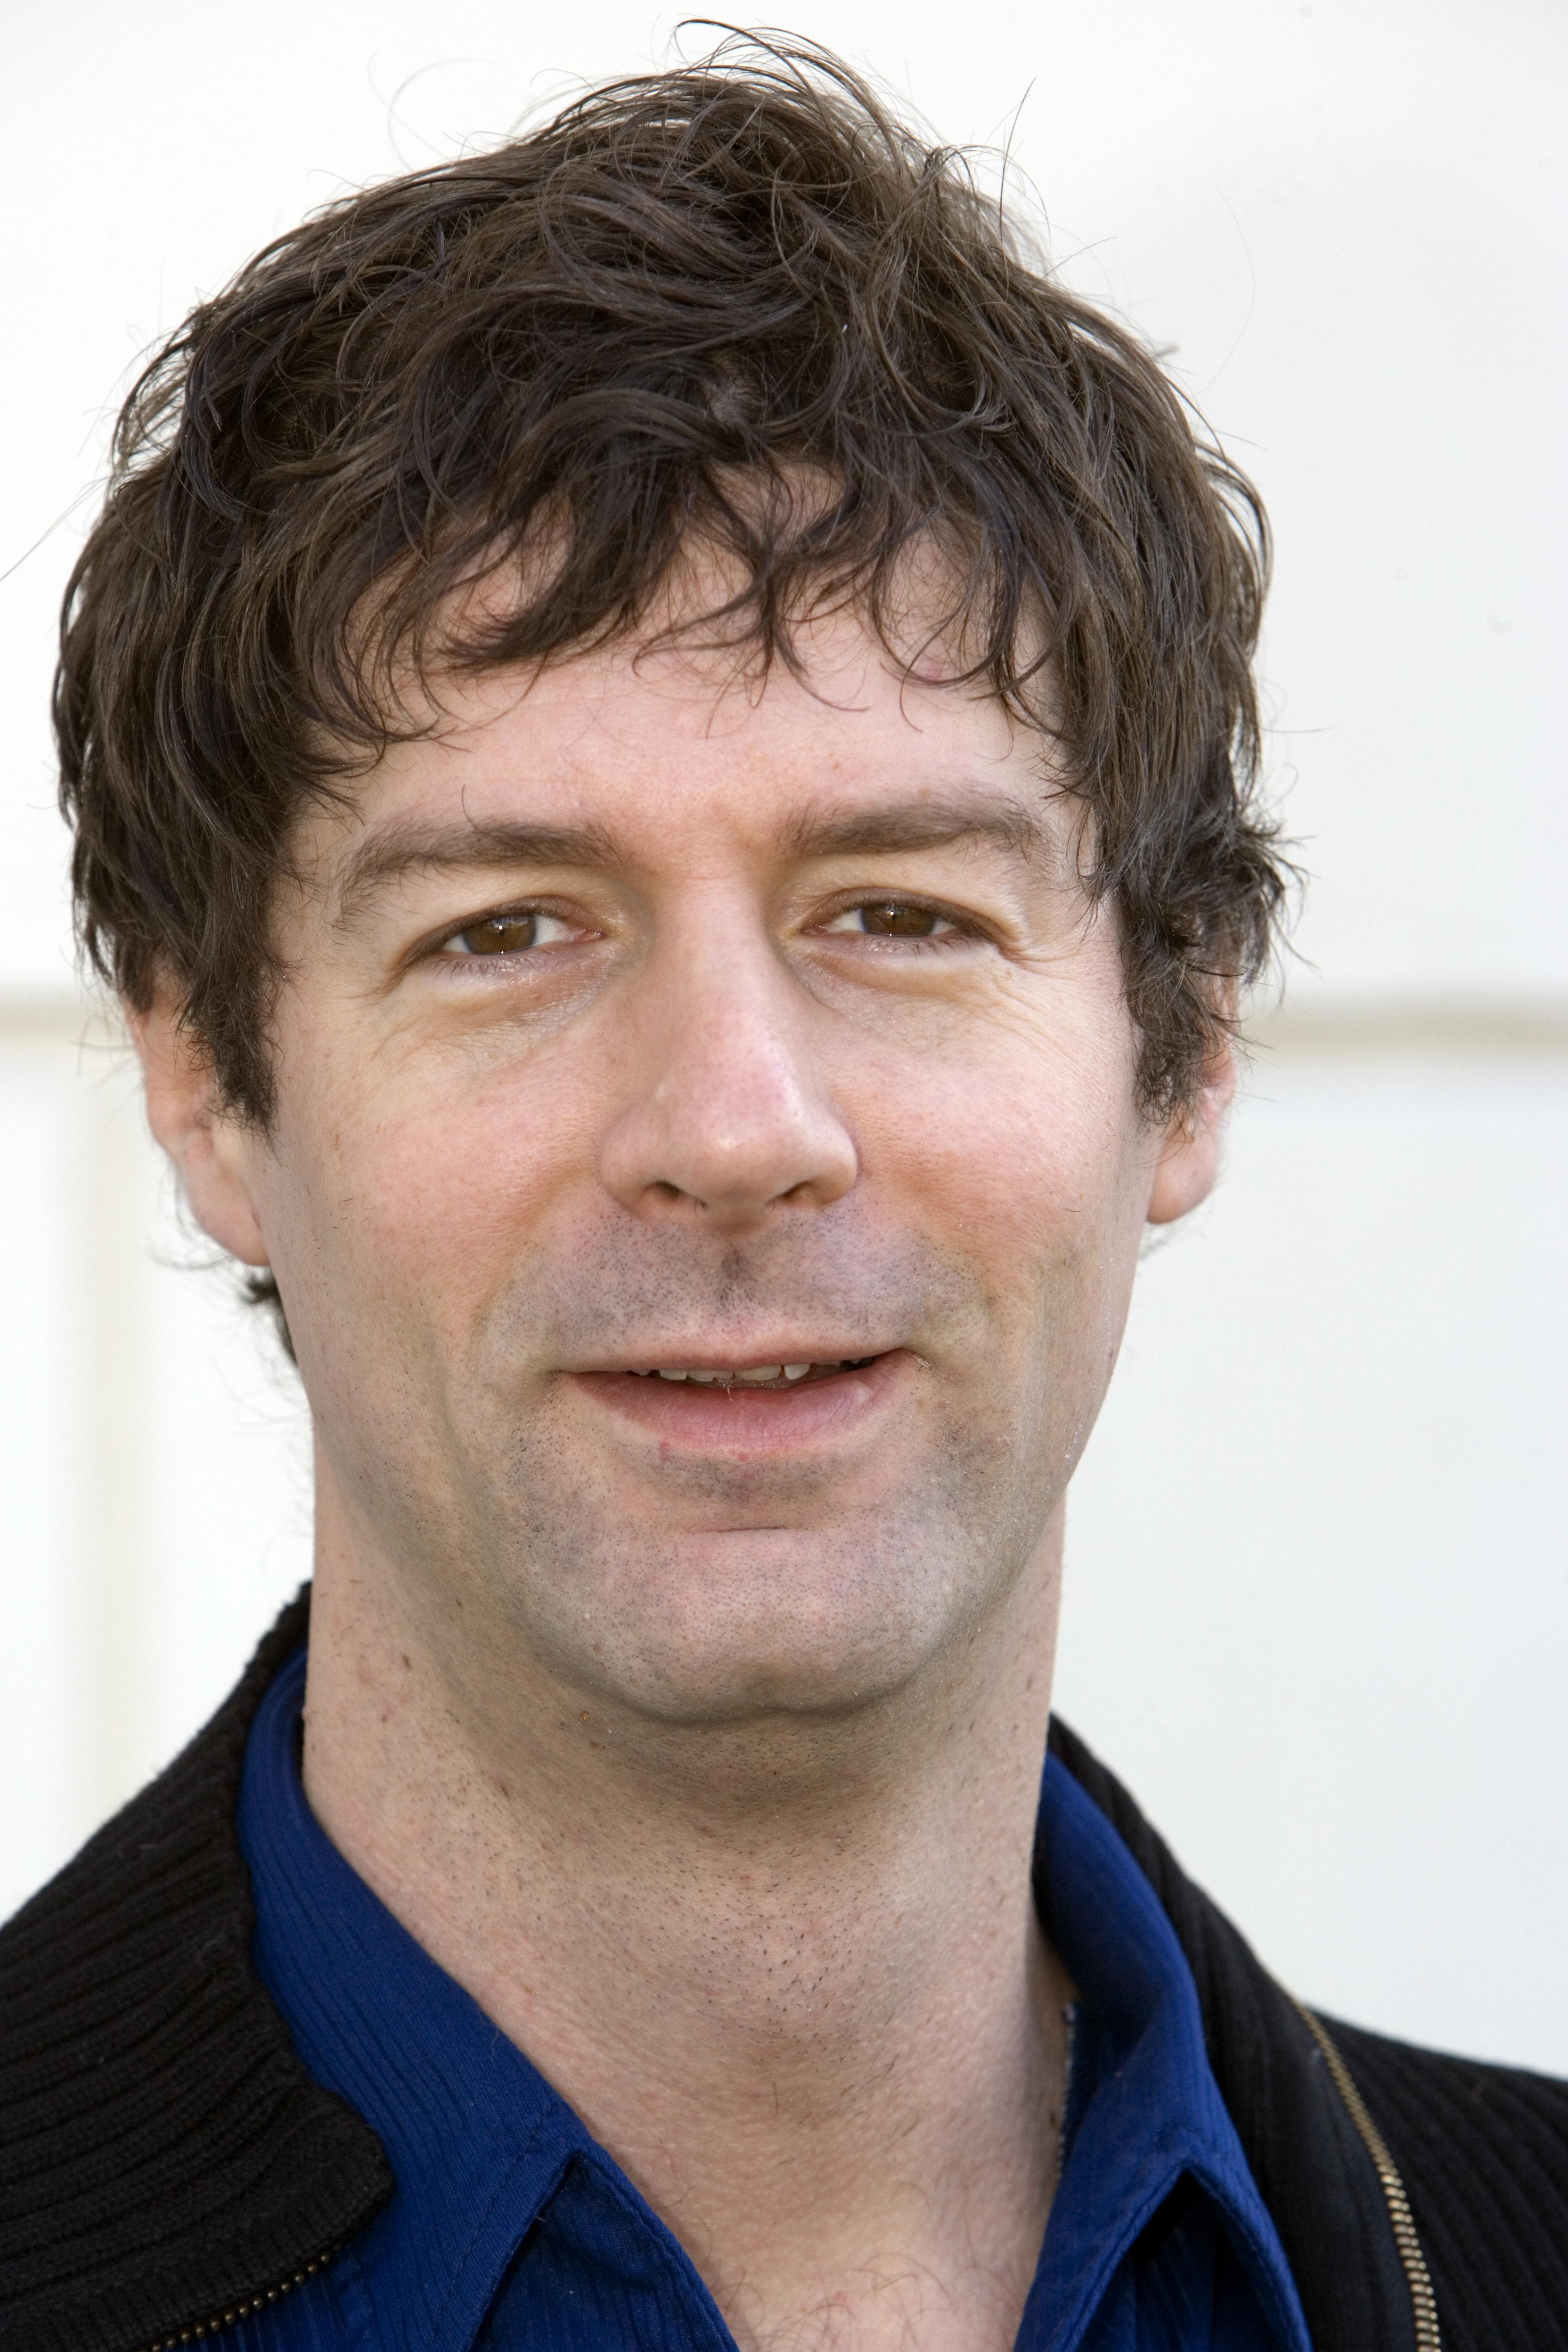 Christoph Moerikofer (*1964) ist Schauspieler, Regisseur und Hochschul-Dozent. Er hat zusammen mit zwei Mitstreitern den Verein «Zukunft.Klybeck» gegründet, um der Mitsprache der Bevölkerung beim Planungsprozess Klybeck plus mehr Gewicht zu verleihen.